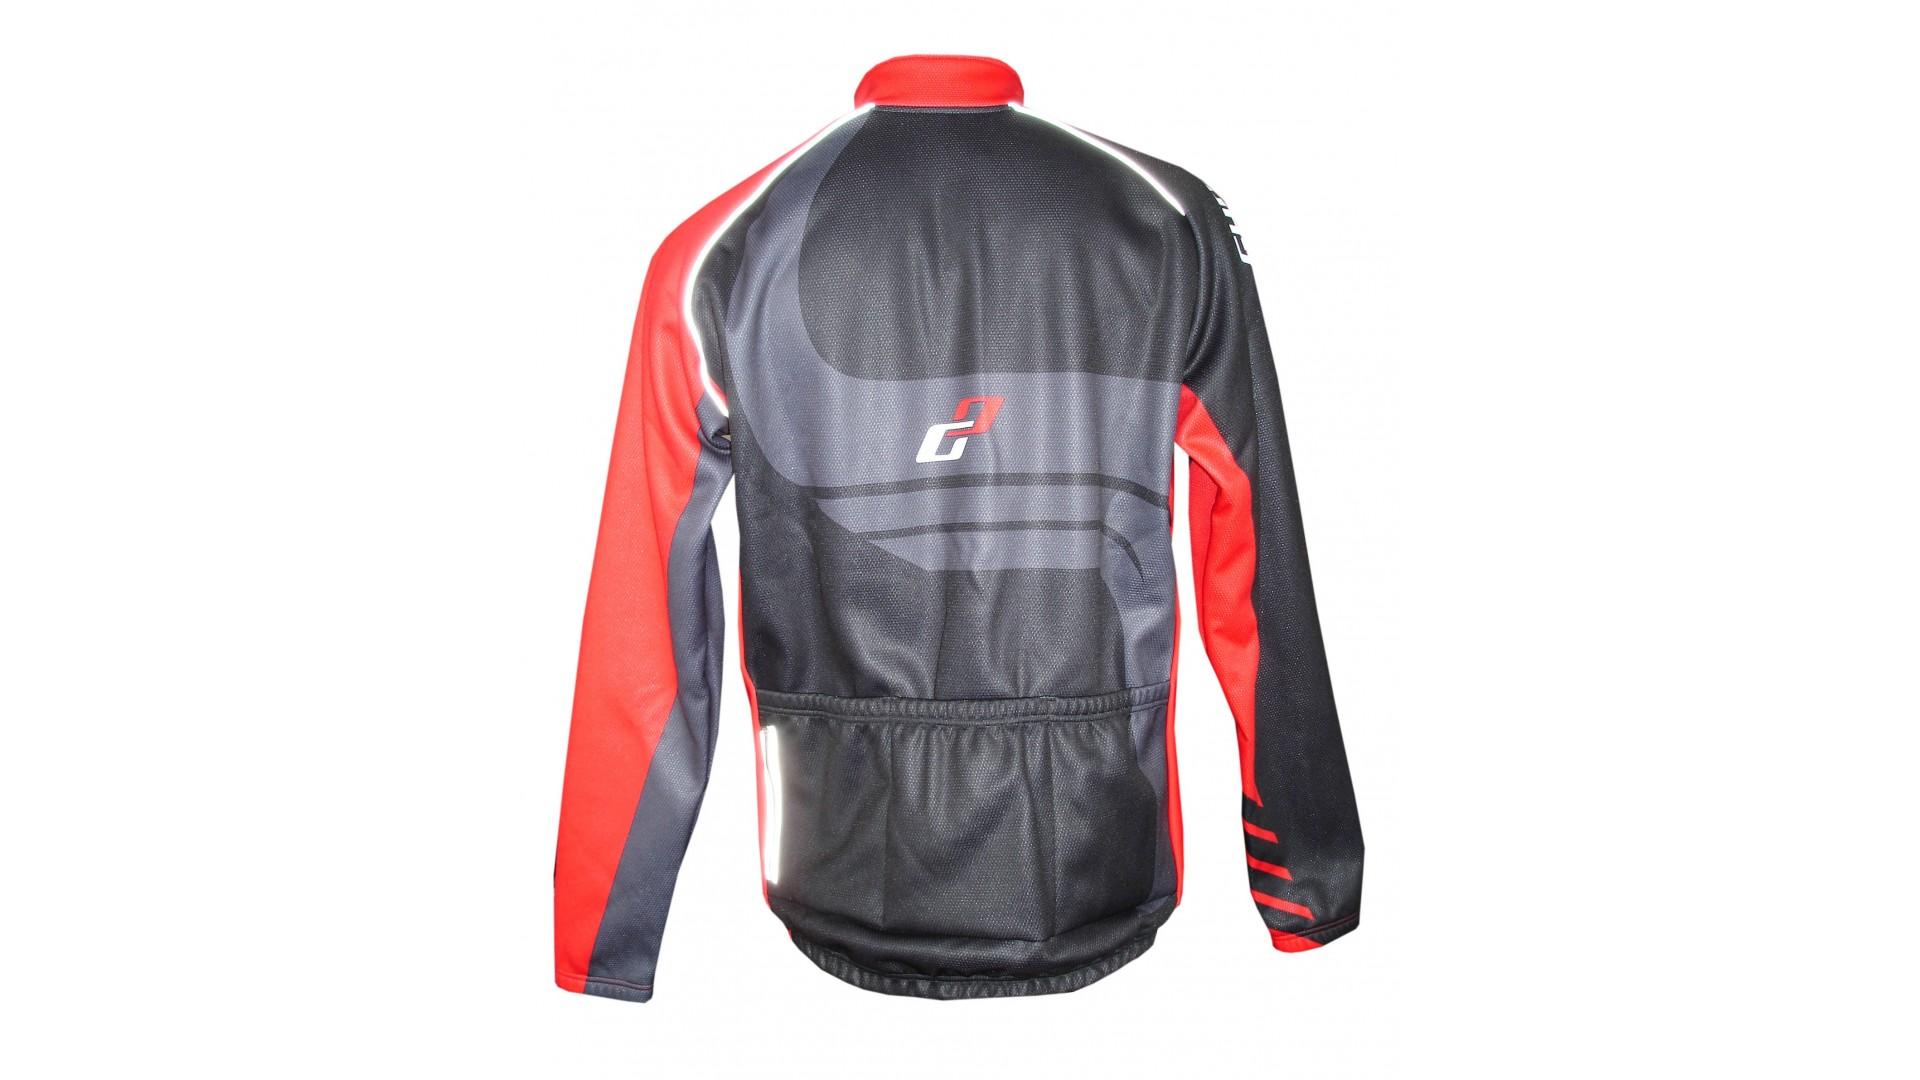 Велокуртка Ghost Winter jacket black/red демисезонная год 2014 вид сзади